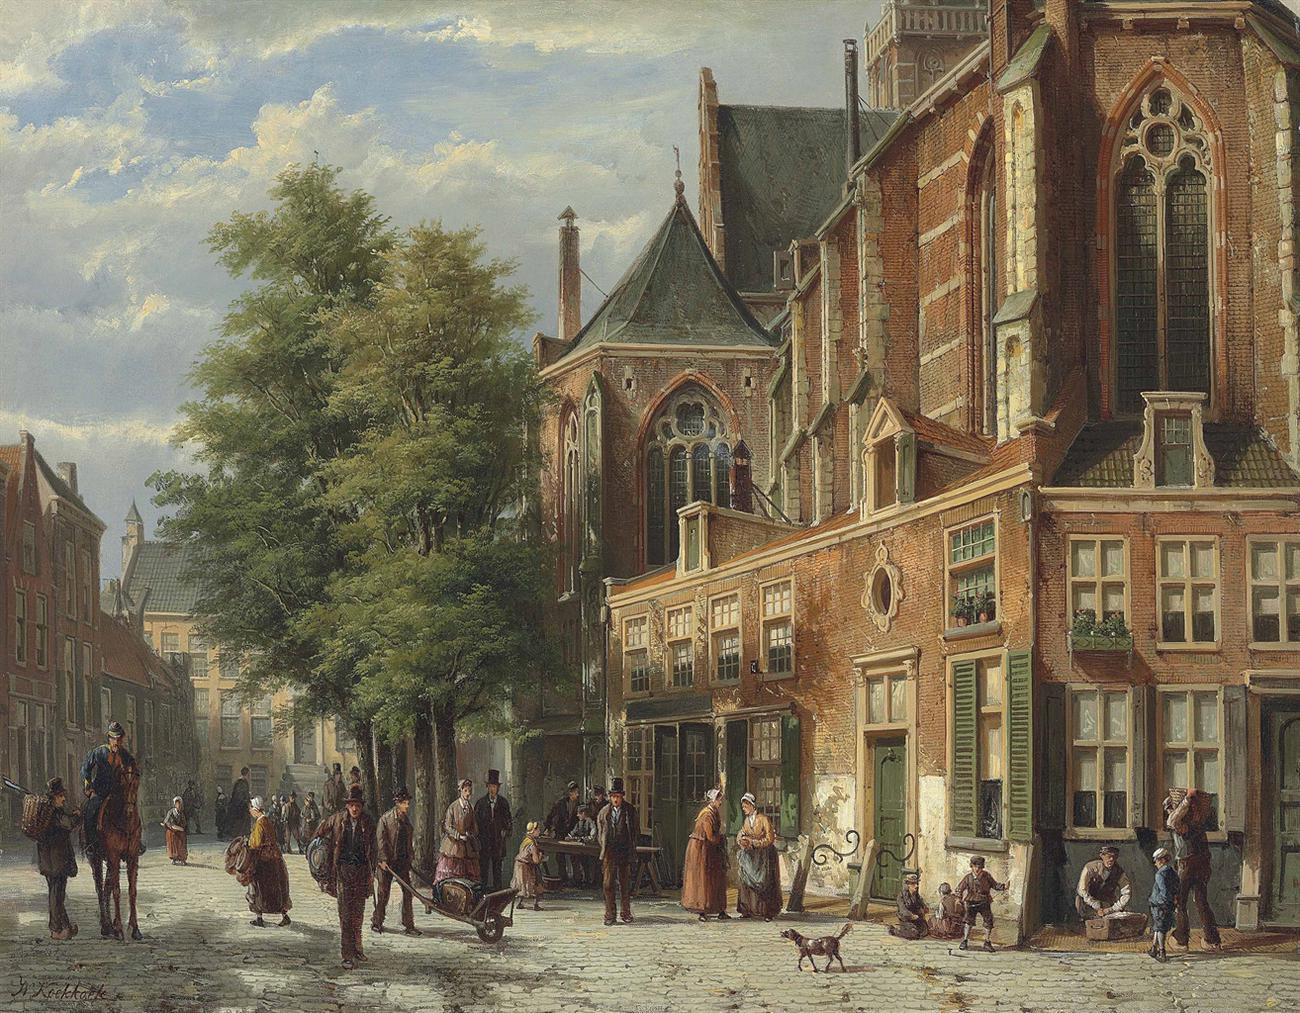 Willem Koekkoek - A Bustling Street-